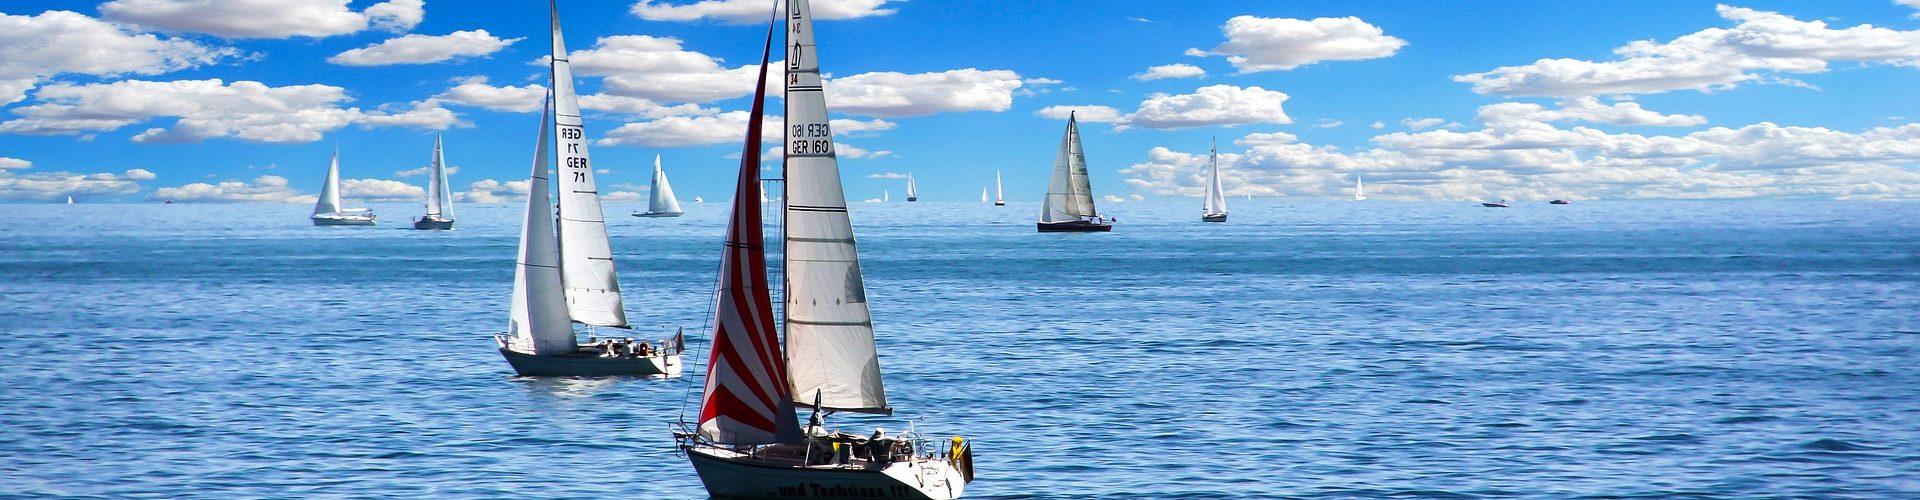 segeln lernen in Grabow segelschein machen in Grabow 1920x500 - Segeln lernen in Grabow